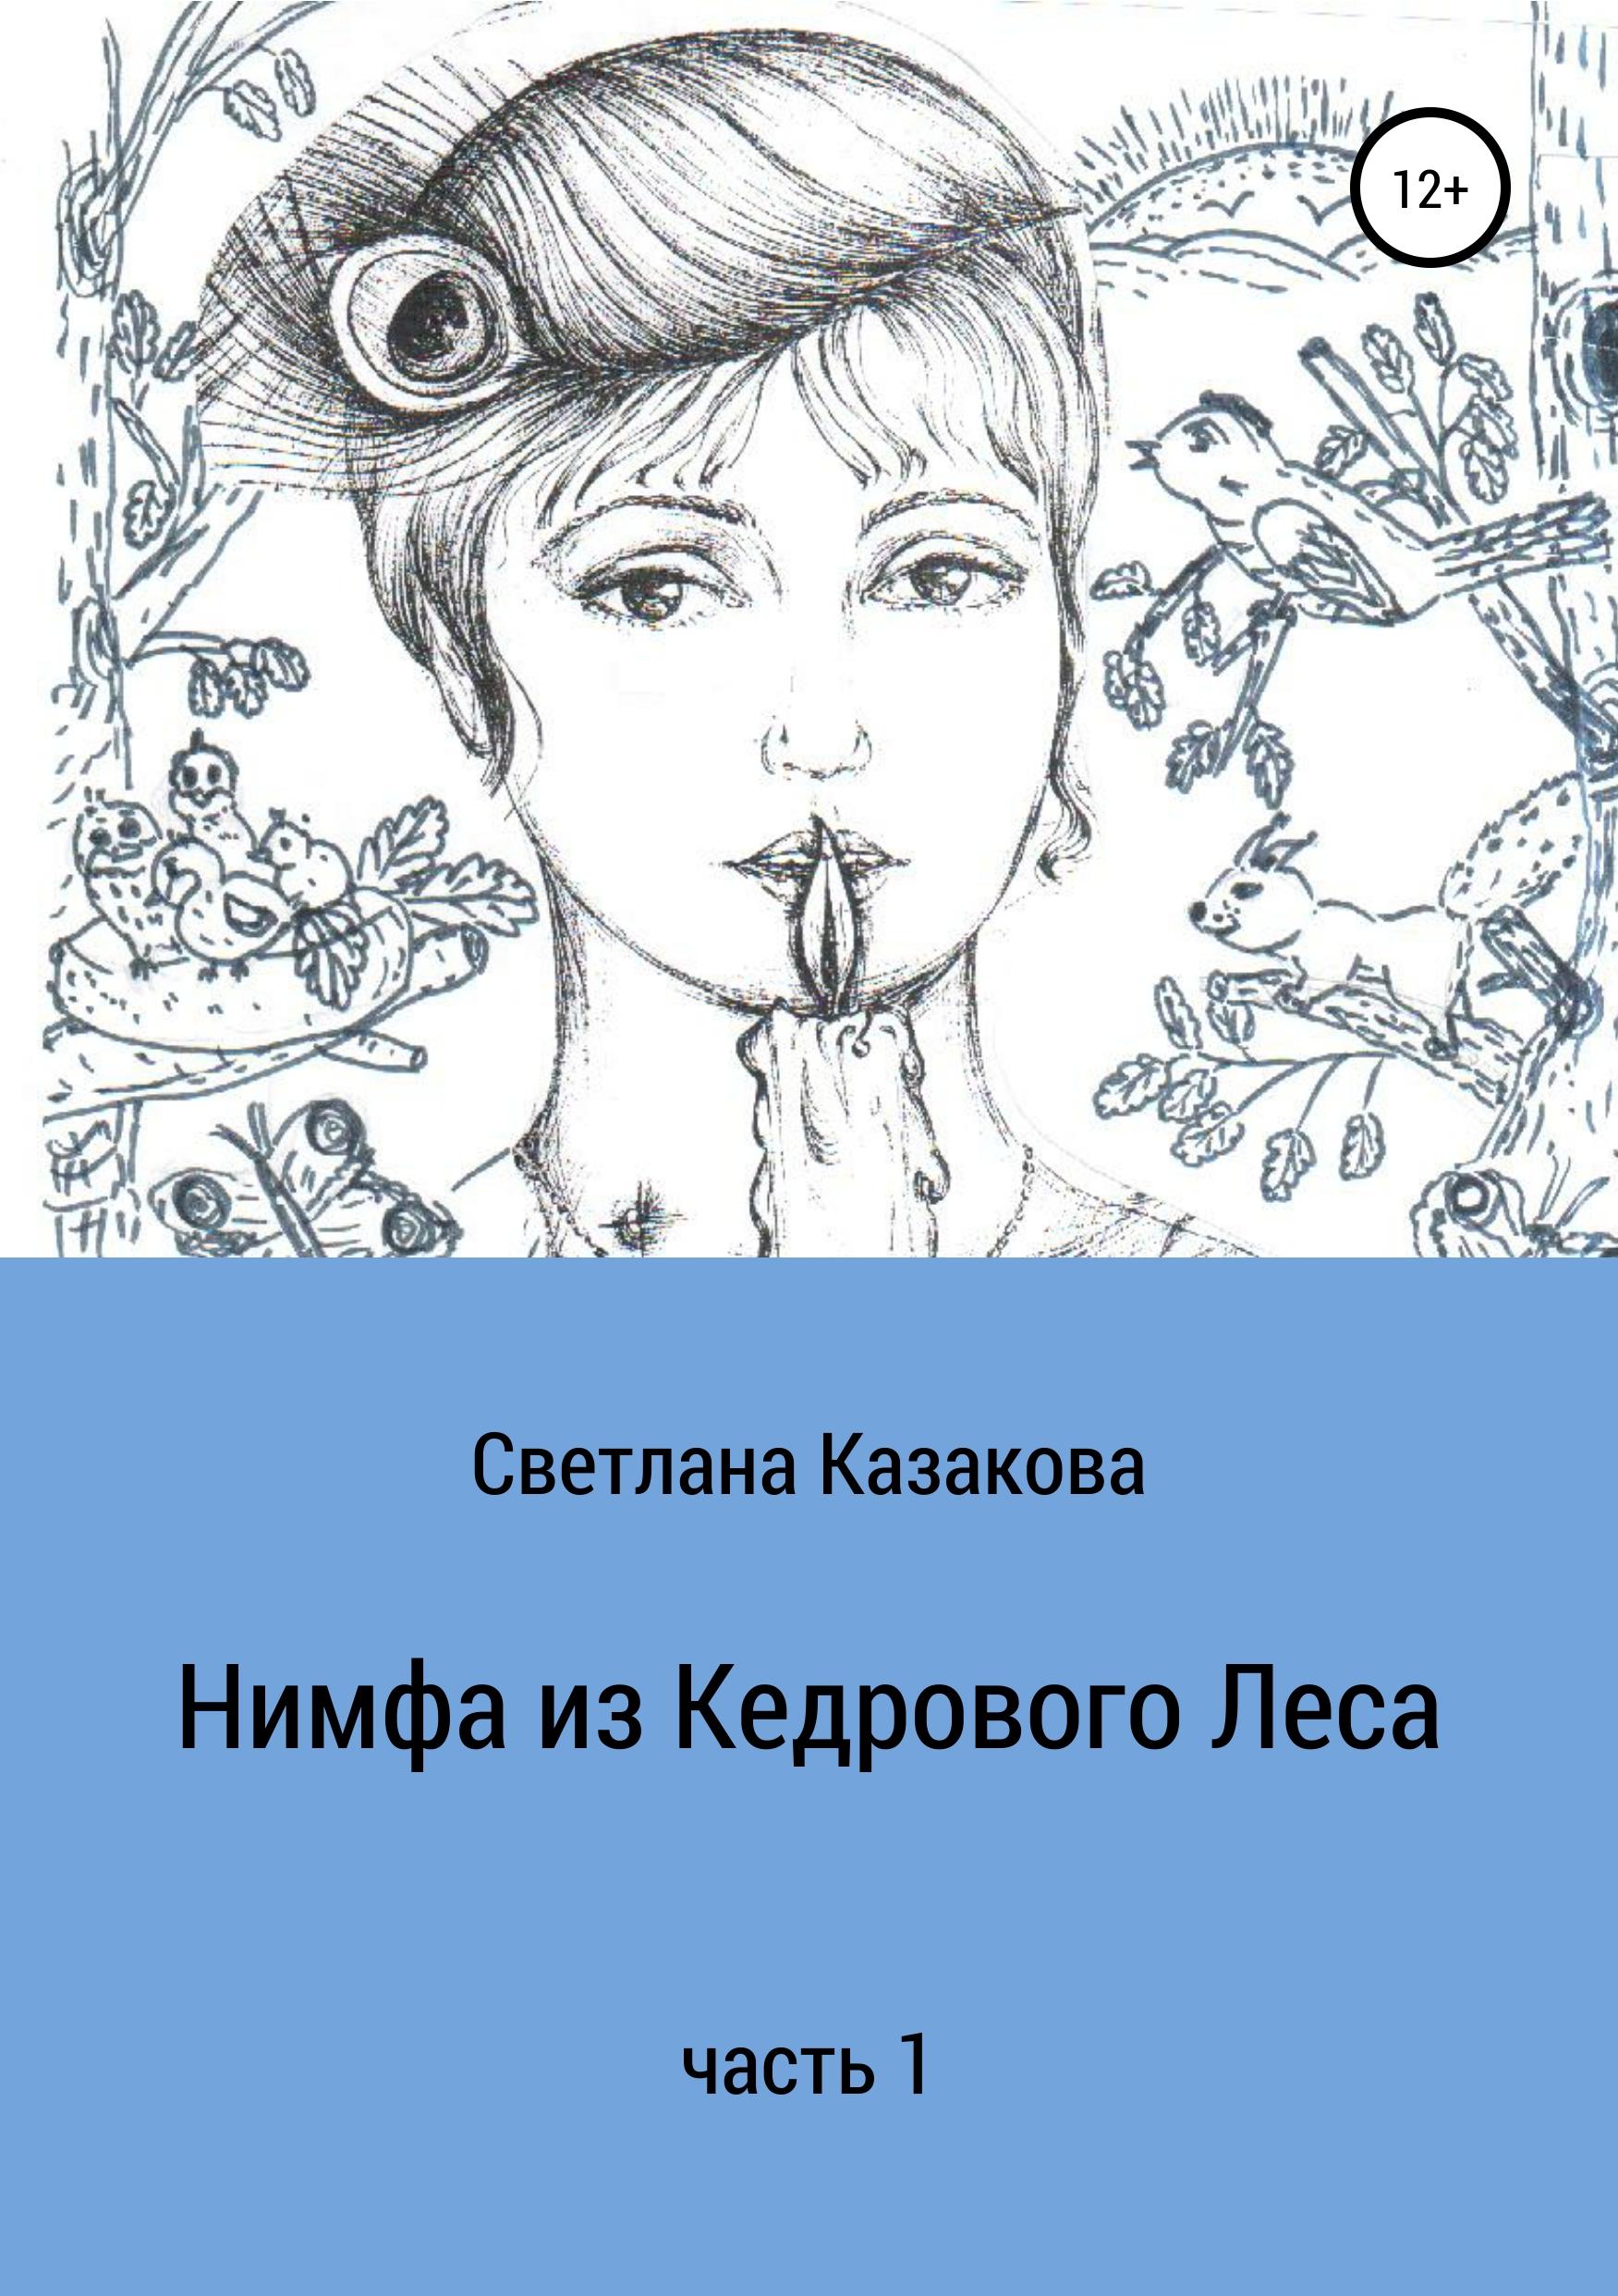 Светлана Юрьевна Казакова Нимфа из Кедрового Леса. Часть 1 уроки геометрии кирилла и мефодия 11 класс